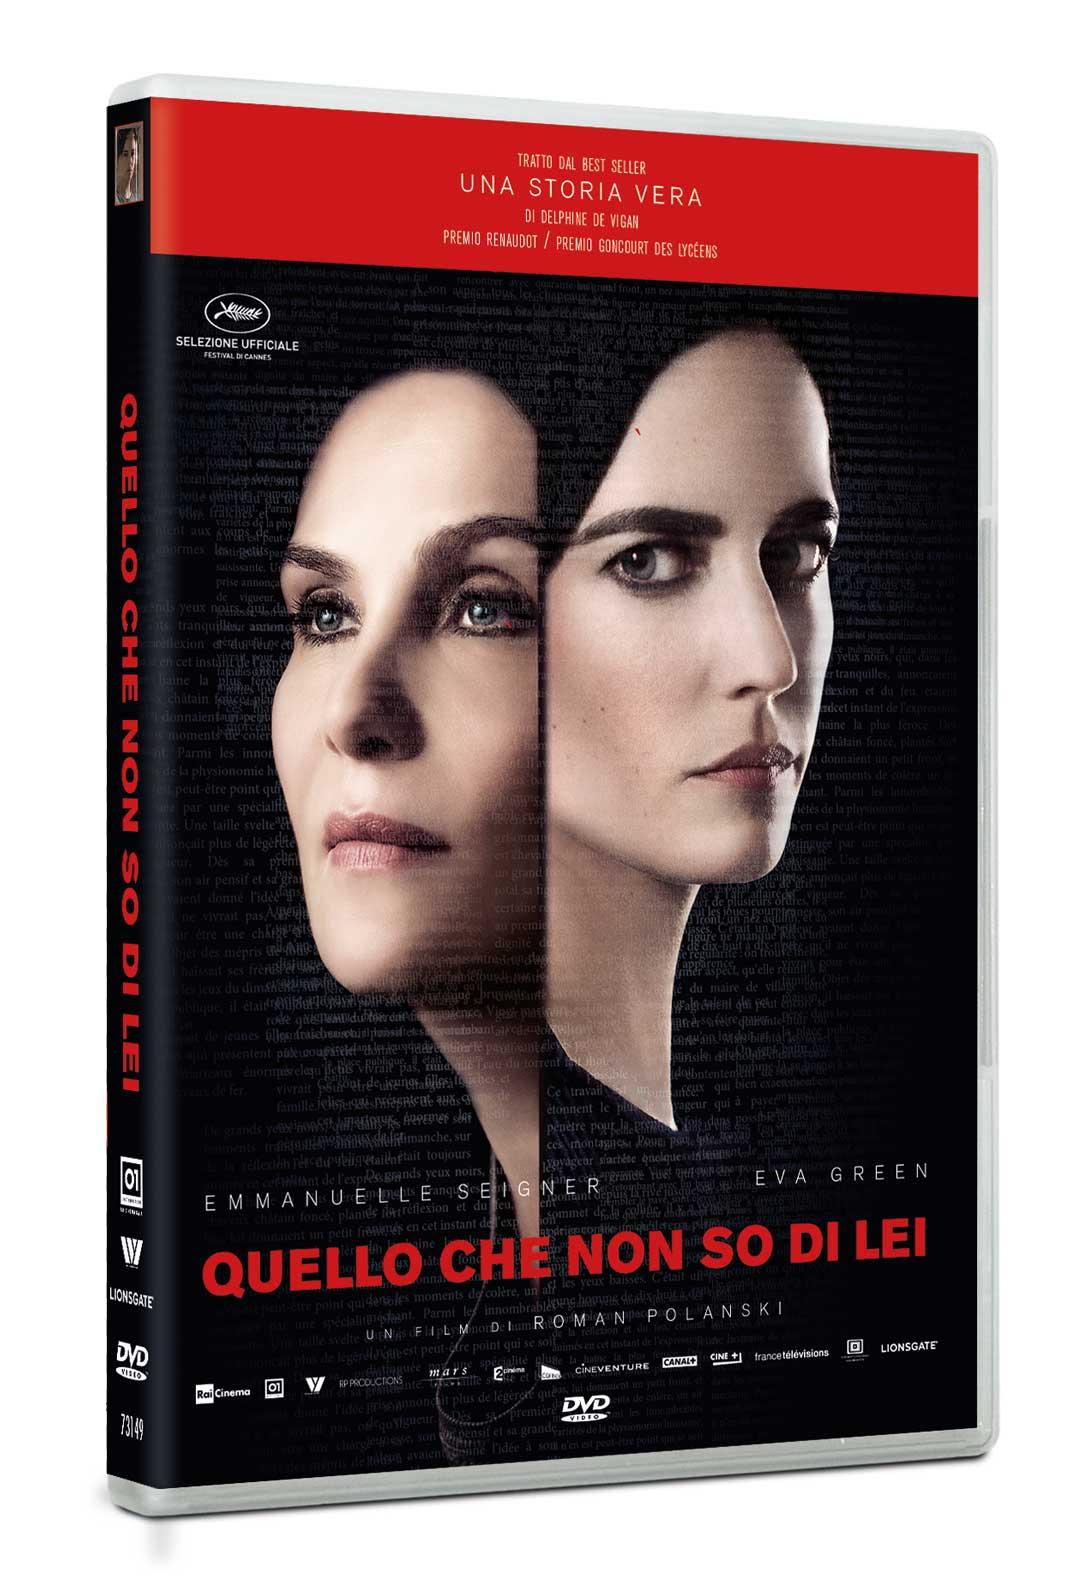 QUELLO CHE NON SO DI LEI (DVD)